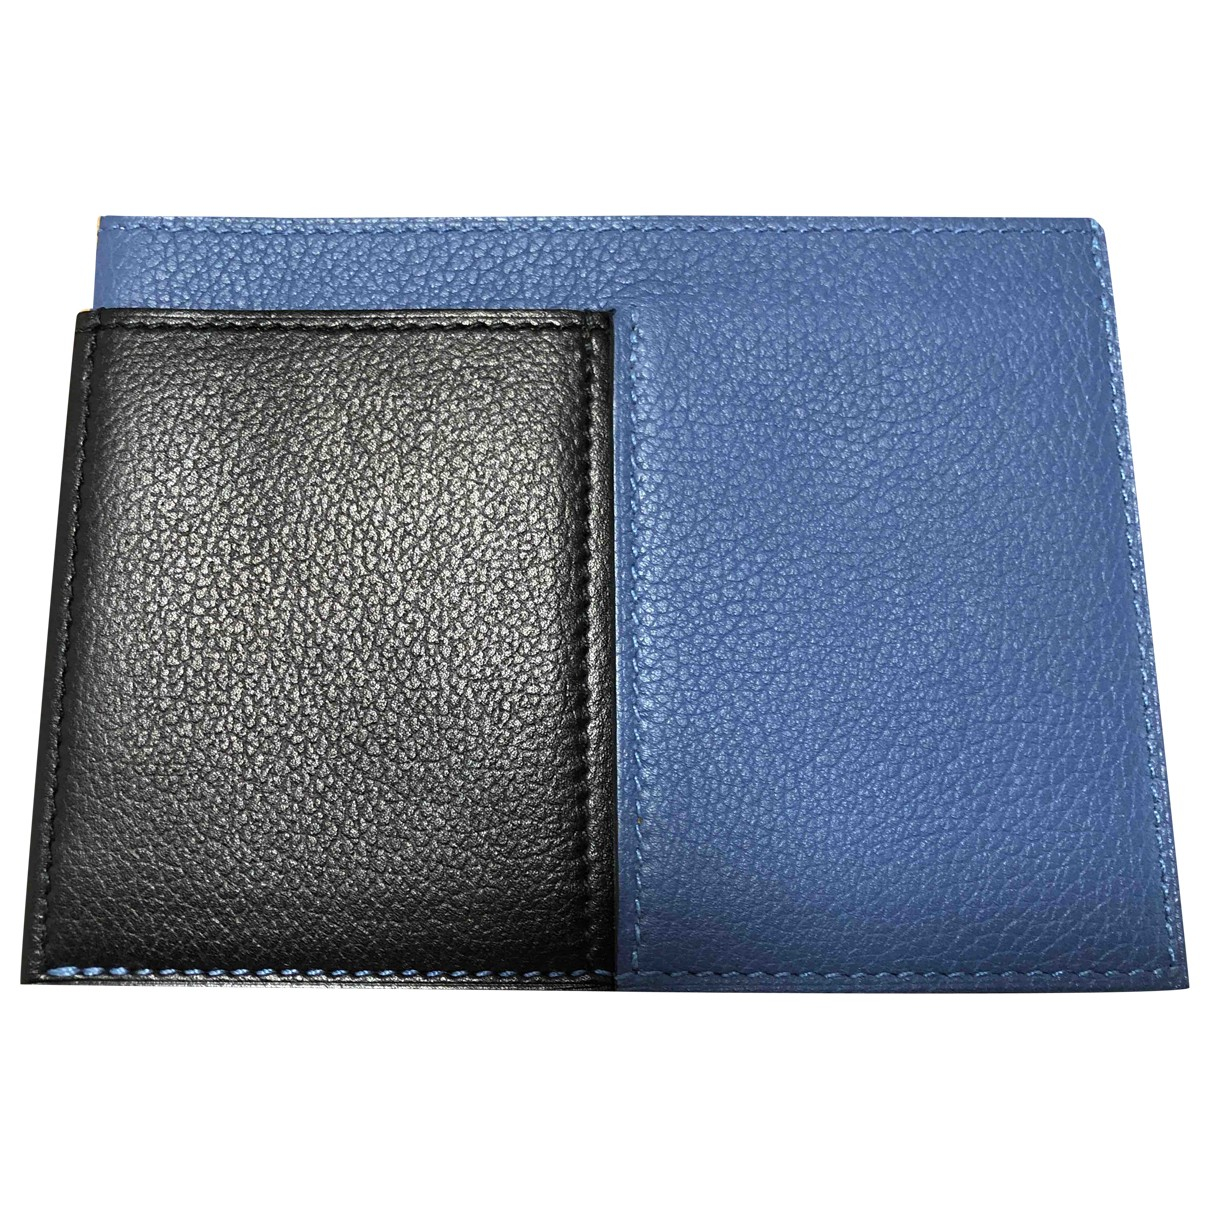 Hermes - Petite maroquinerie   pour homme en cuir - bleu